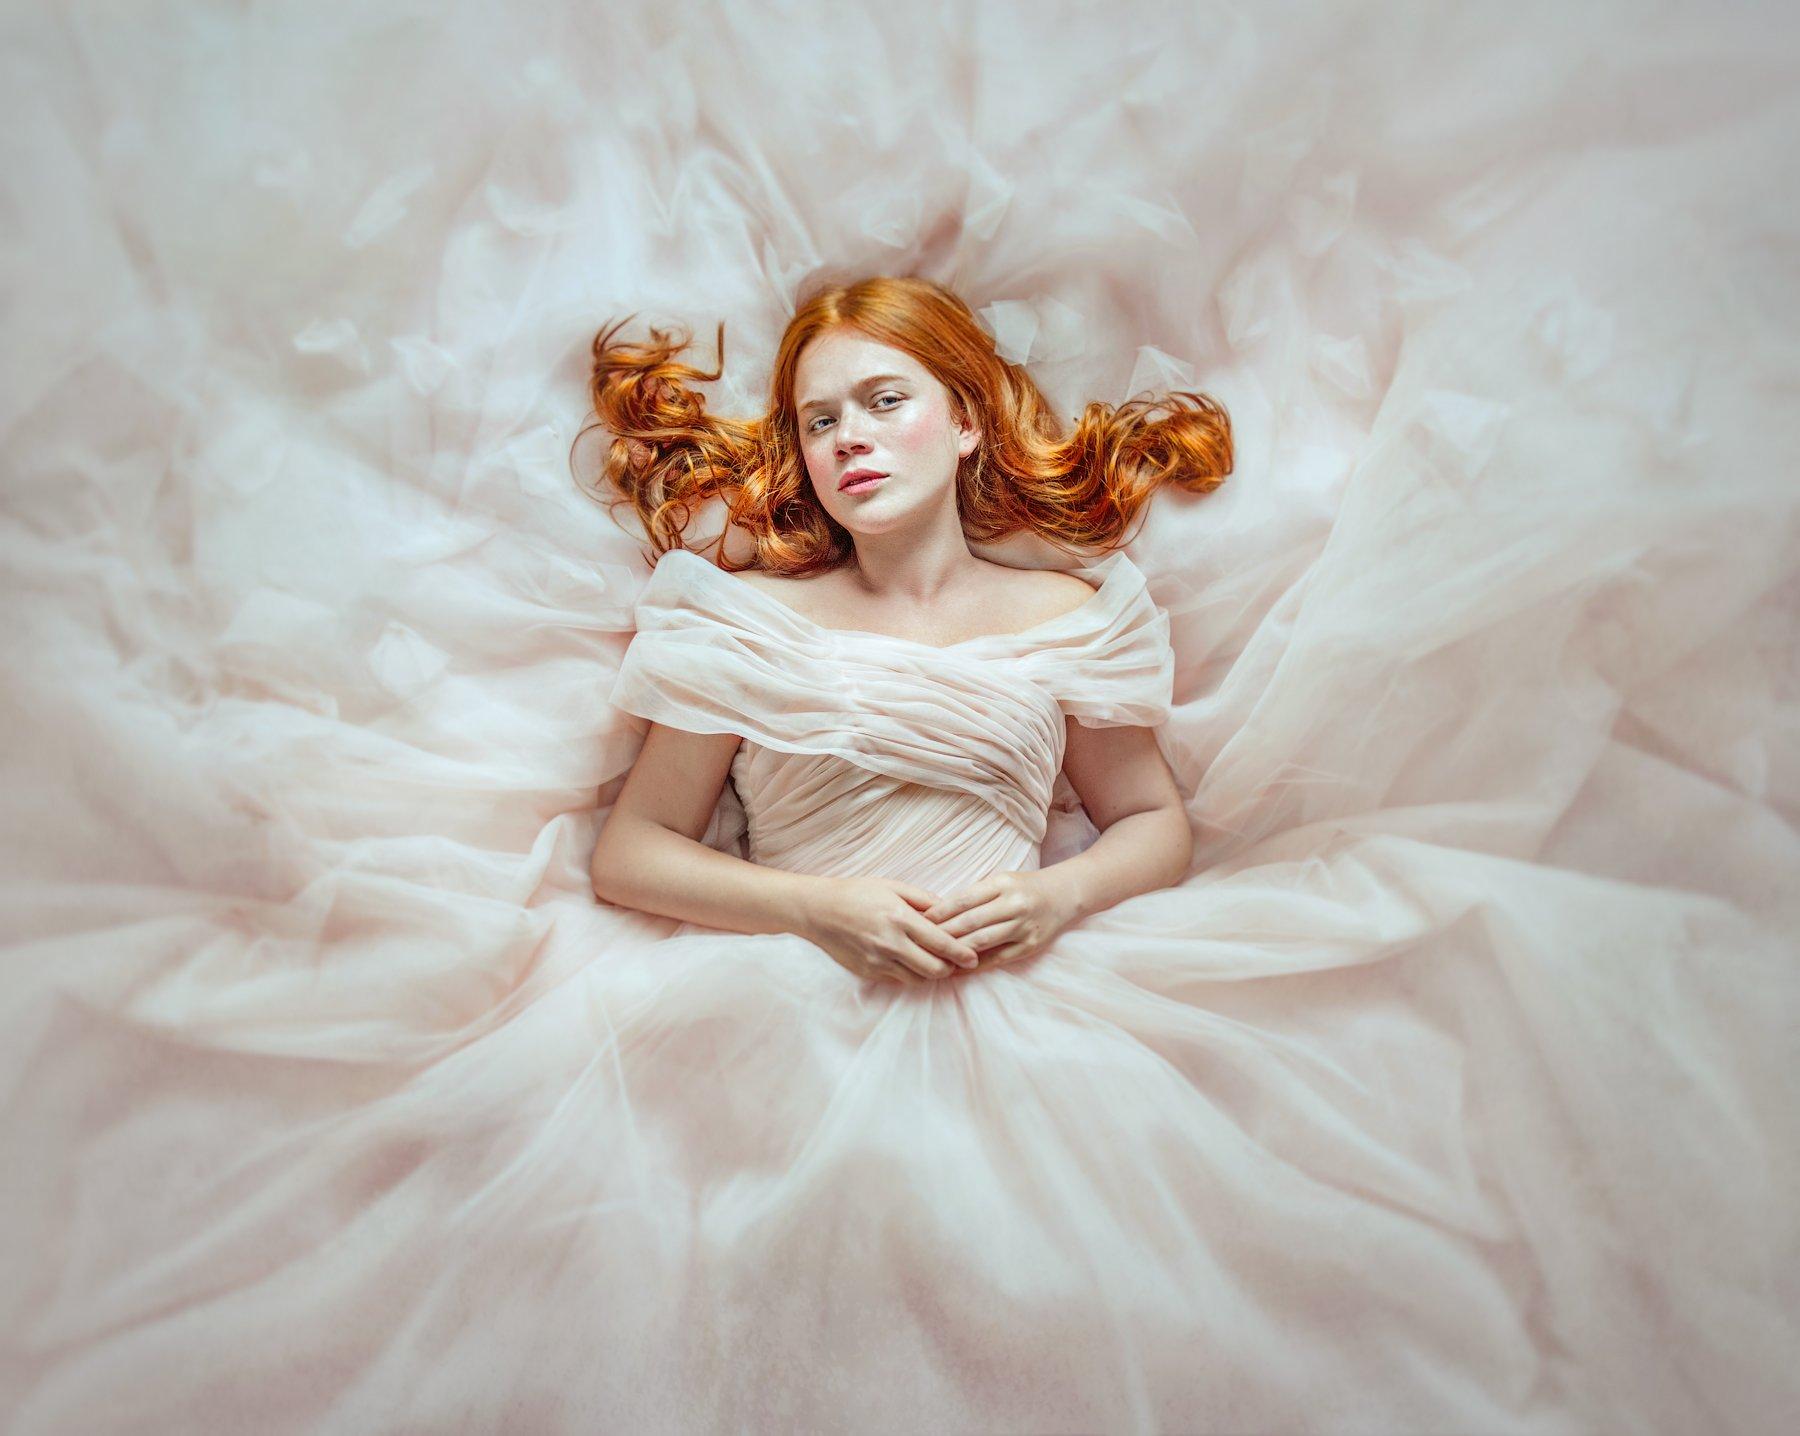 портрет, portrait, red hair, dress, платье, рыжие волосы, Amina Donskaya